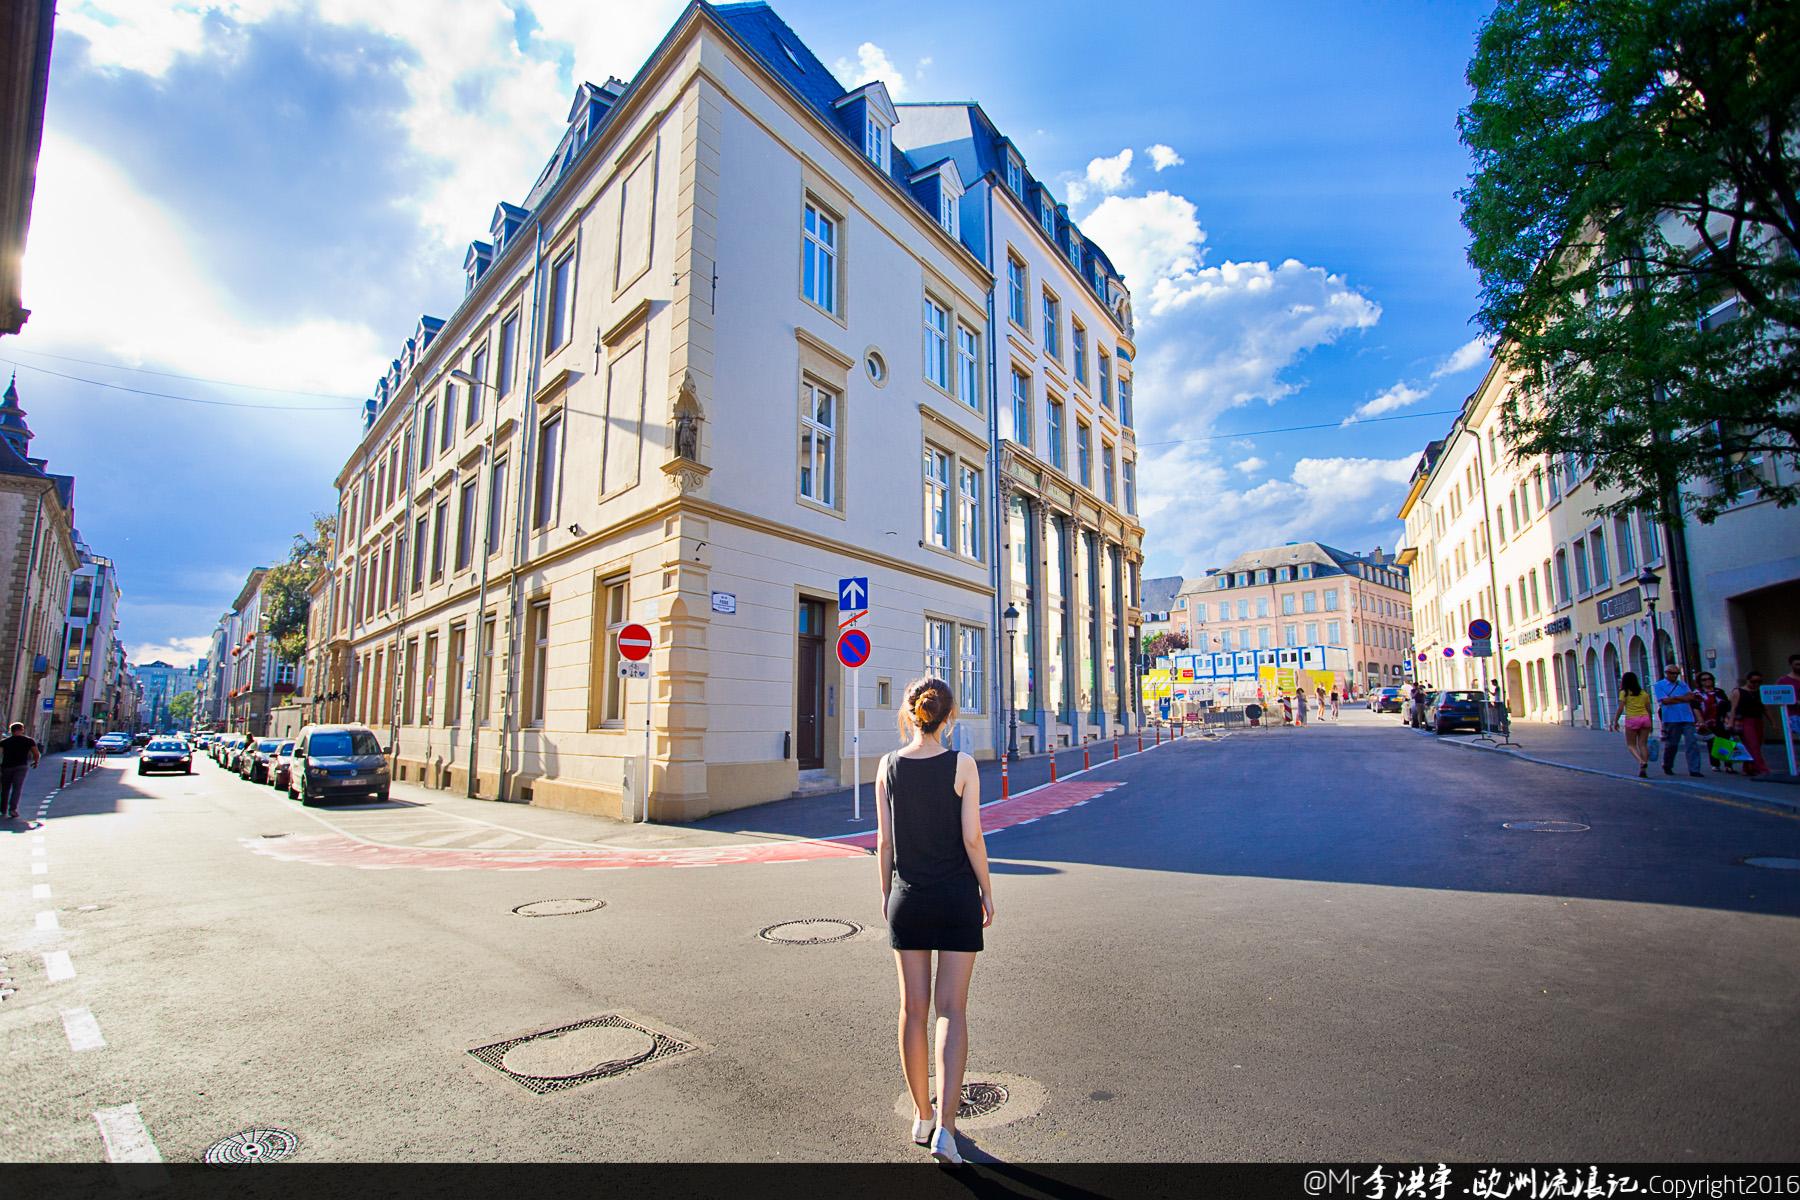 卢森堡 世界上人均最有钱的国家